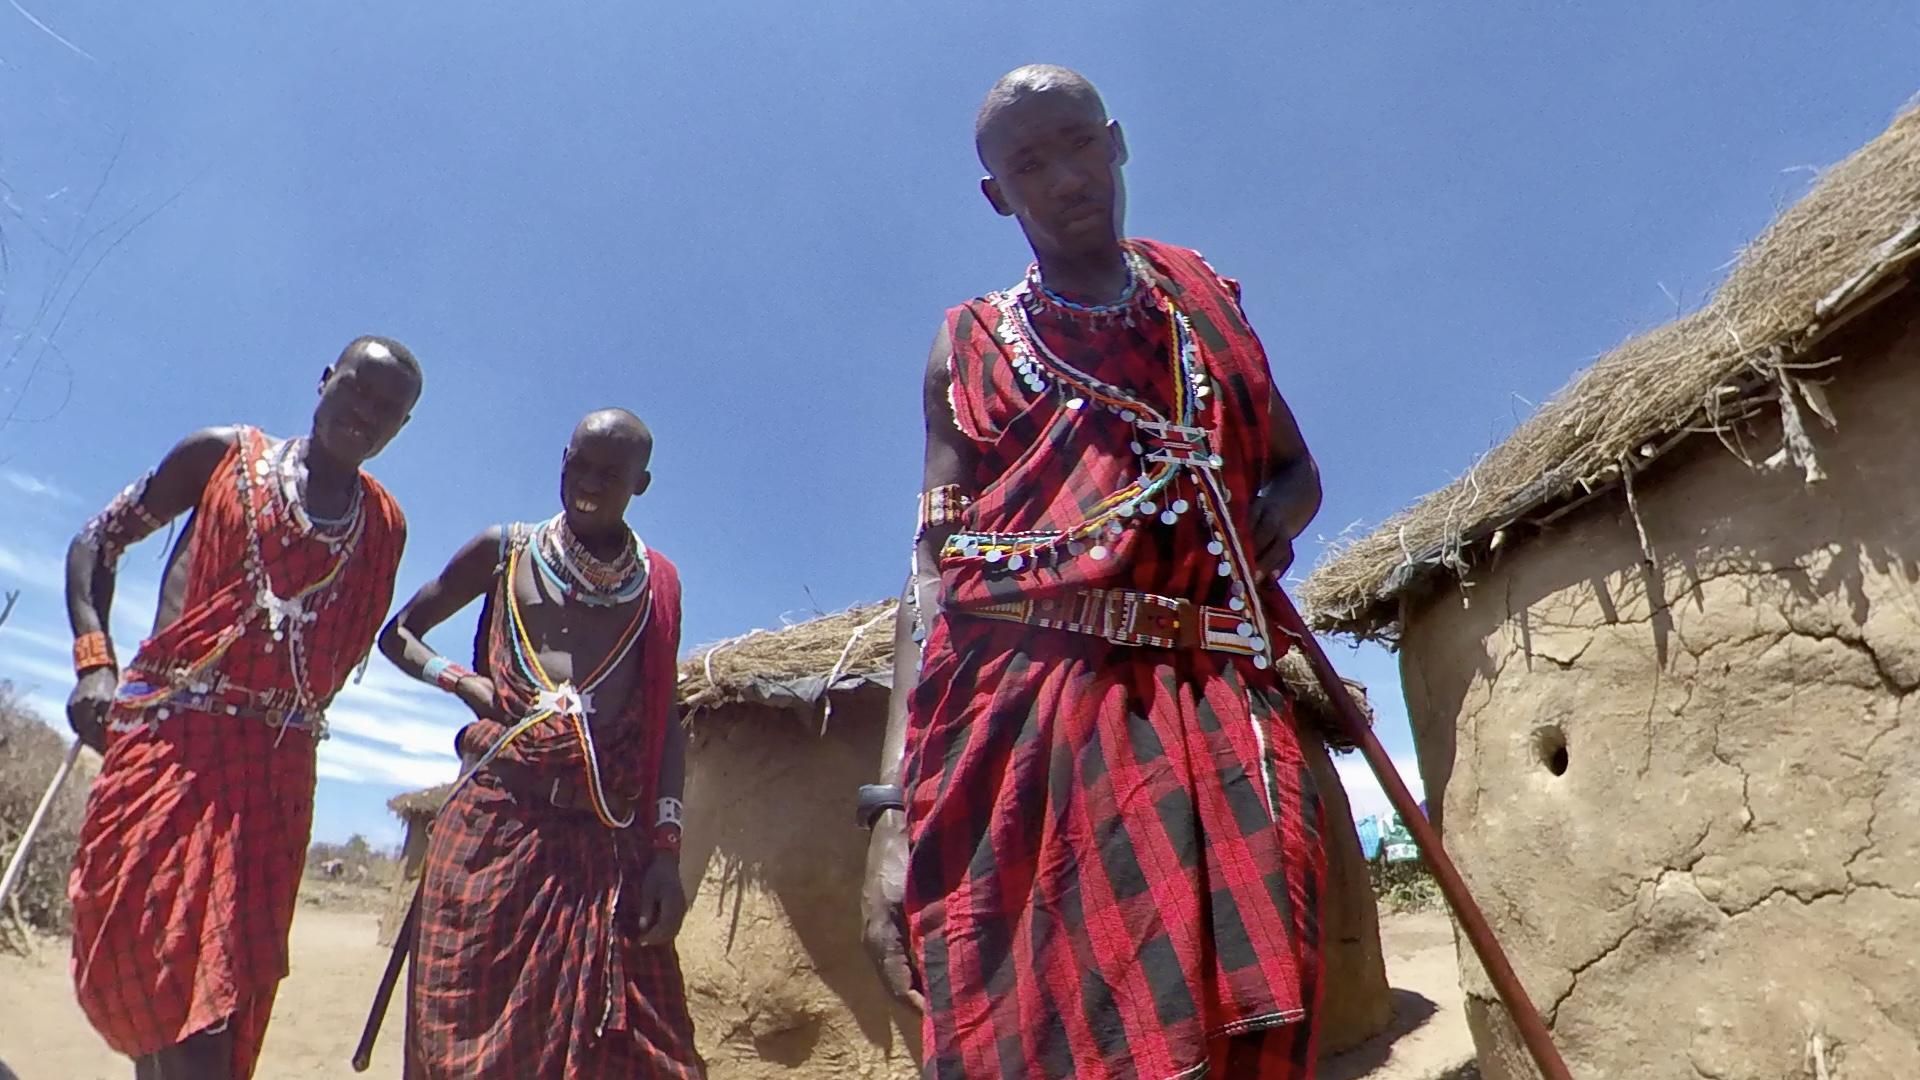 マサイ族の世界では金持ちとイケメンどっちがモテる? 戦士や賢者や紳士はどう? マサイ通信:第491回